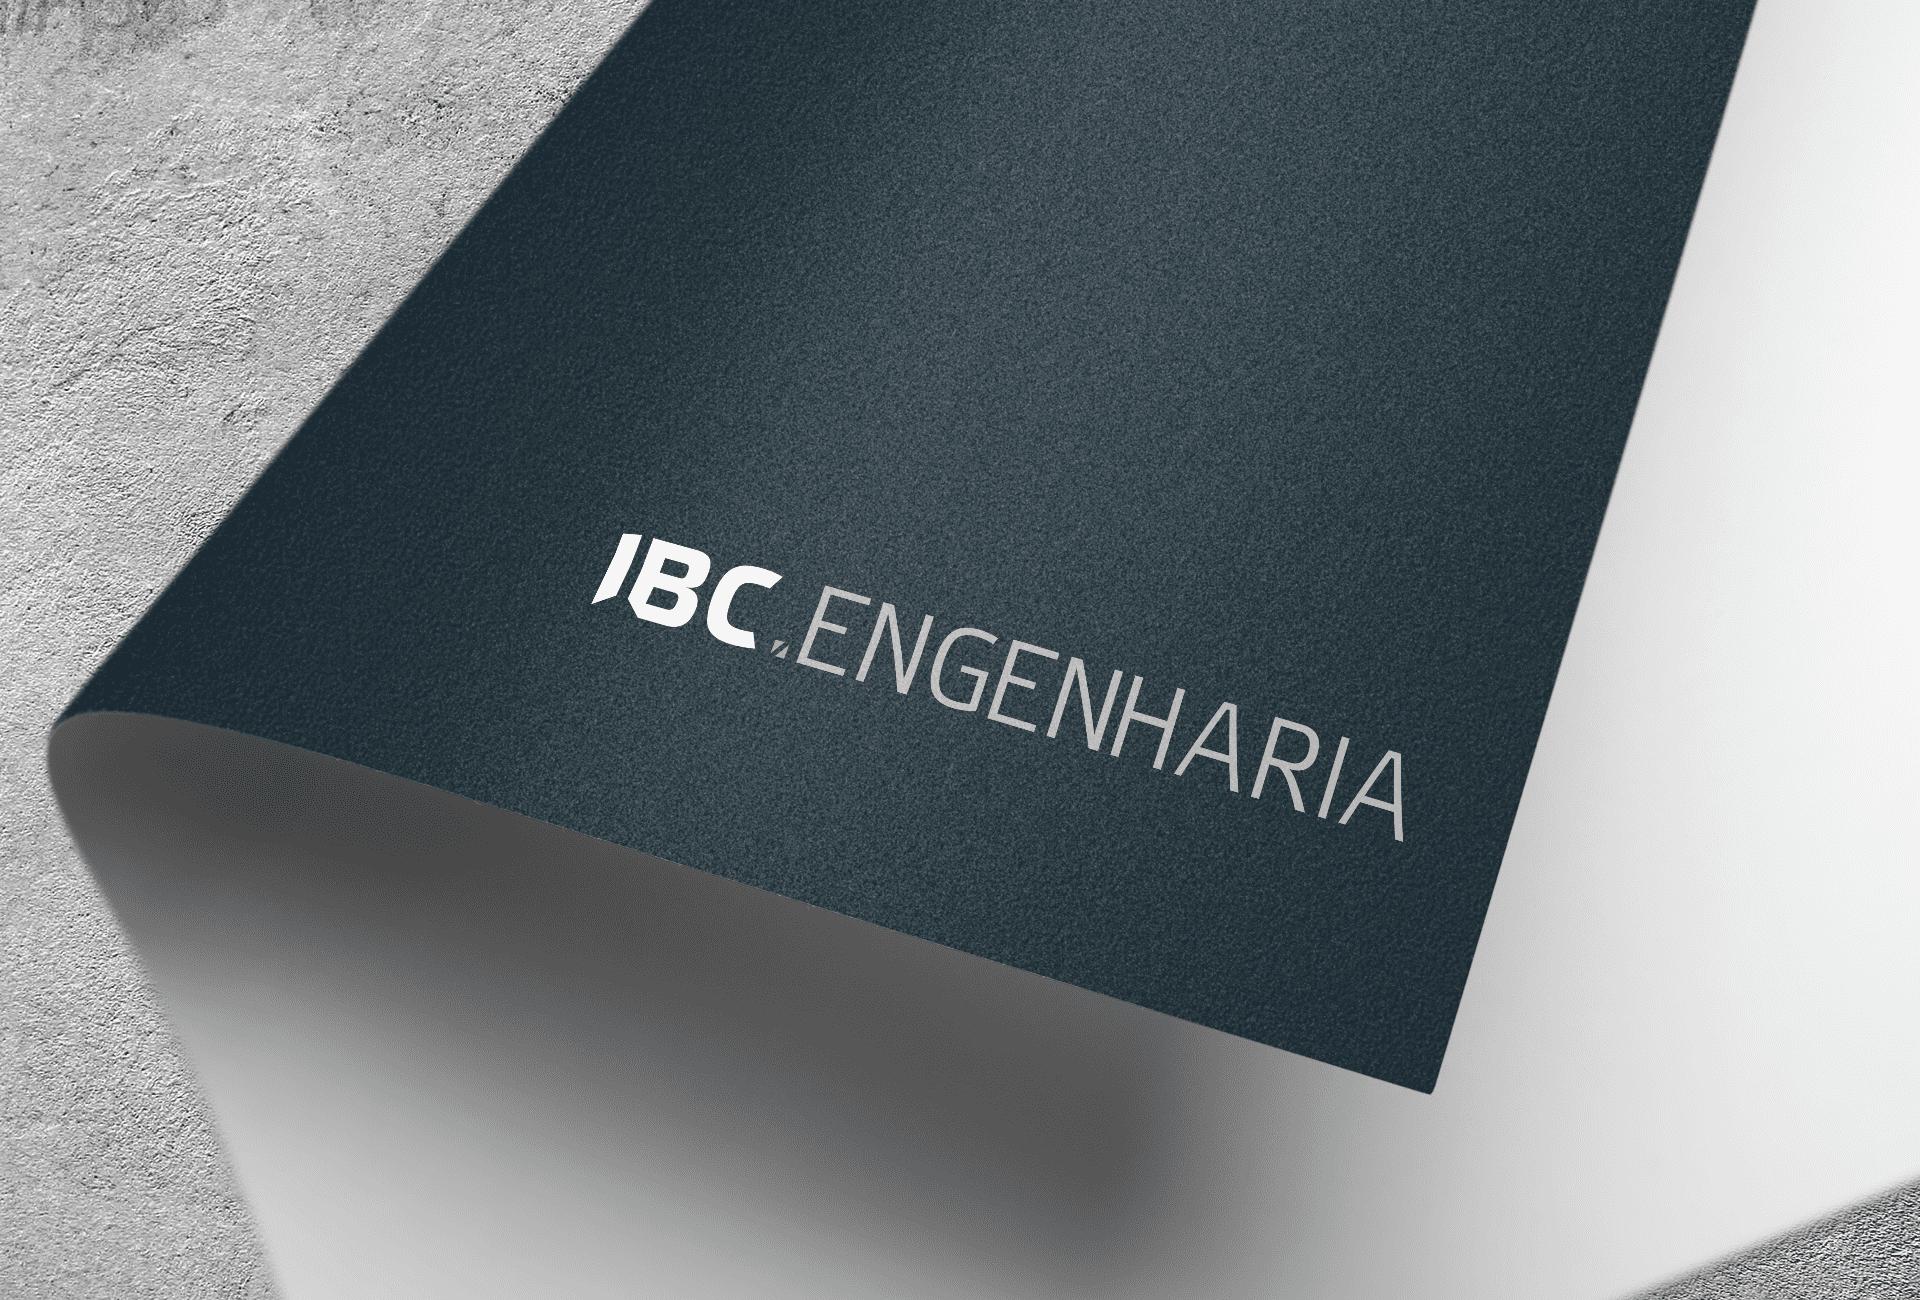 ibc construção logótipo